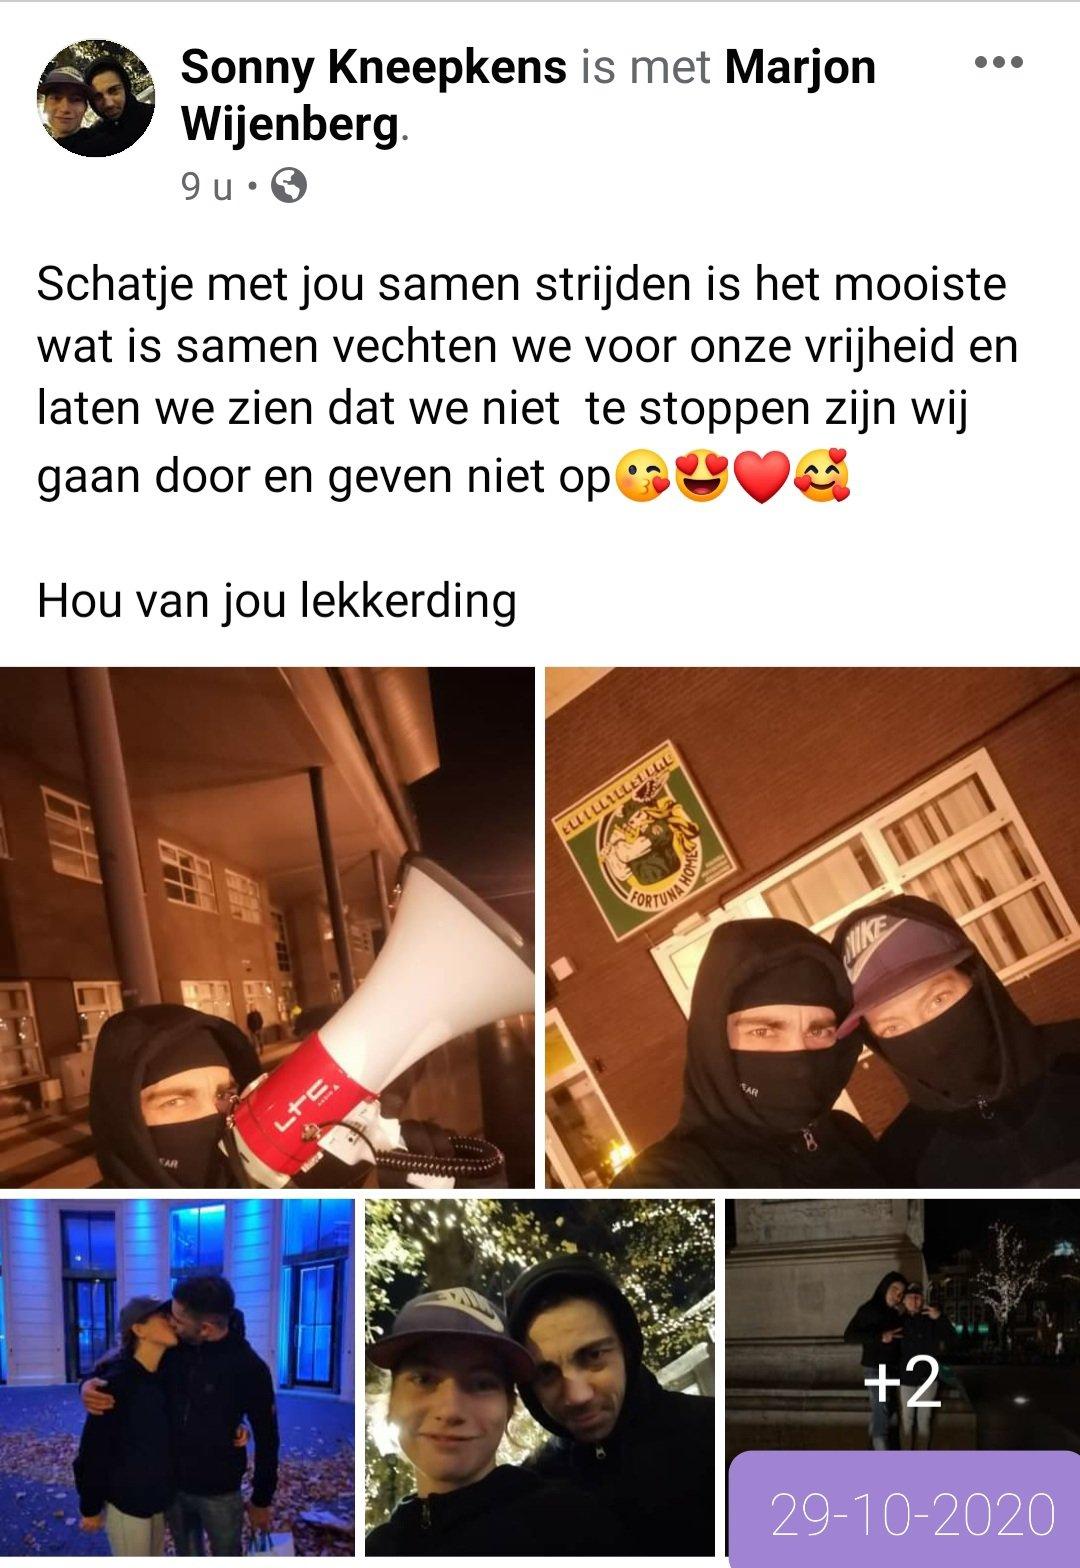 marjon_wijenberg_en_sonny_kneepkens